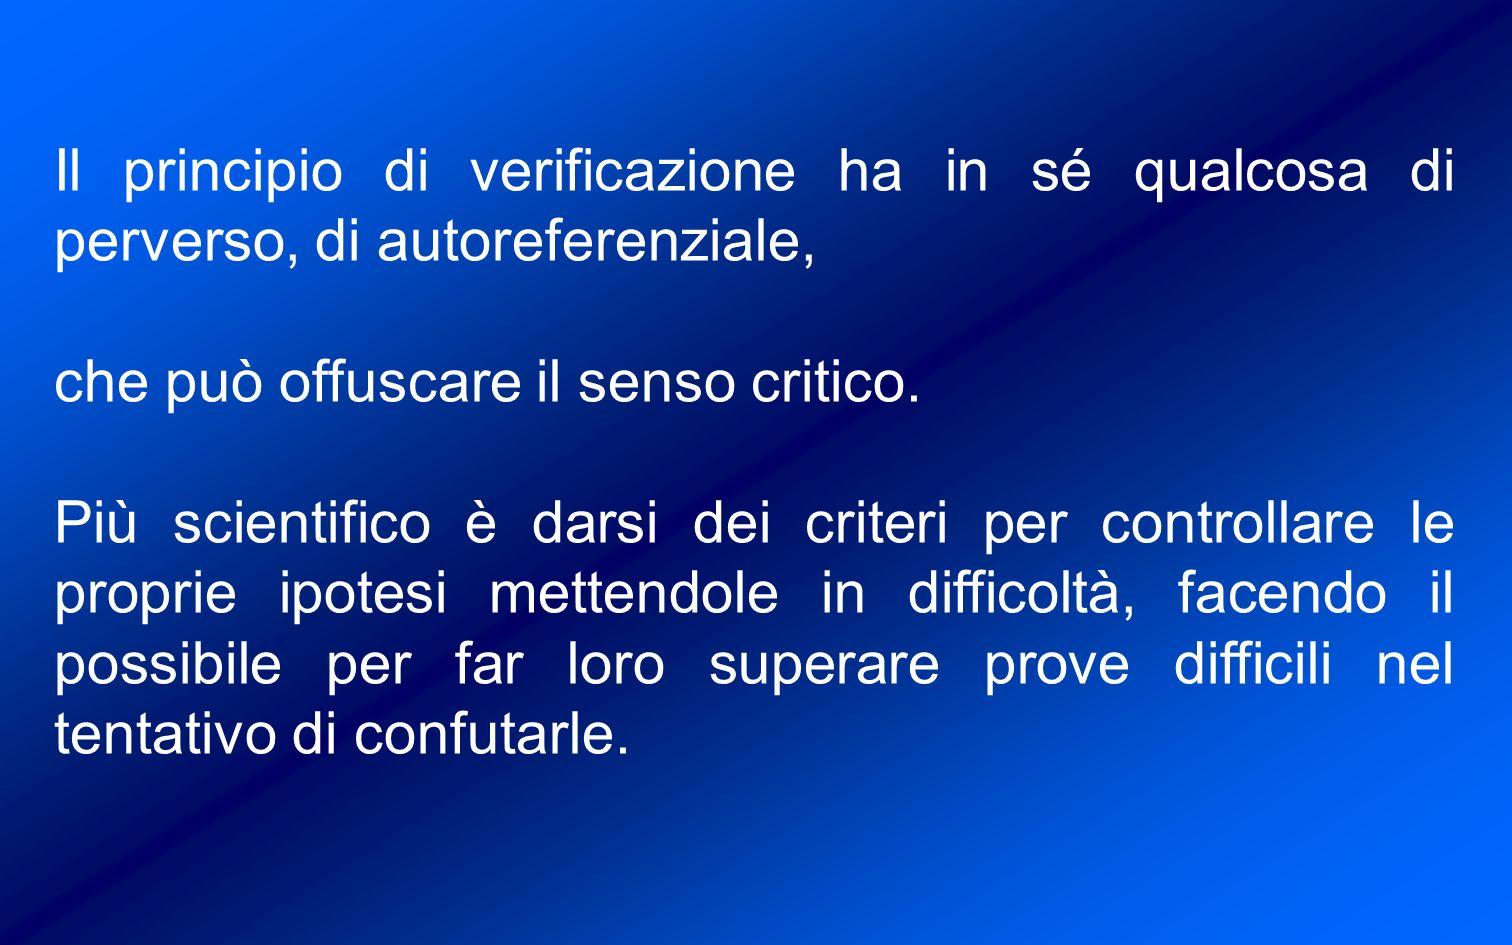 Il principio di verificazione ha in sé qualcosa di perverso, di autoreferenziale, che può offuscare il senso critico.